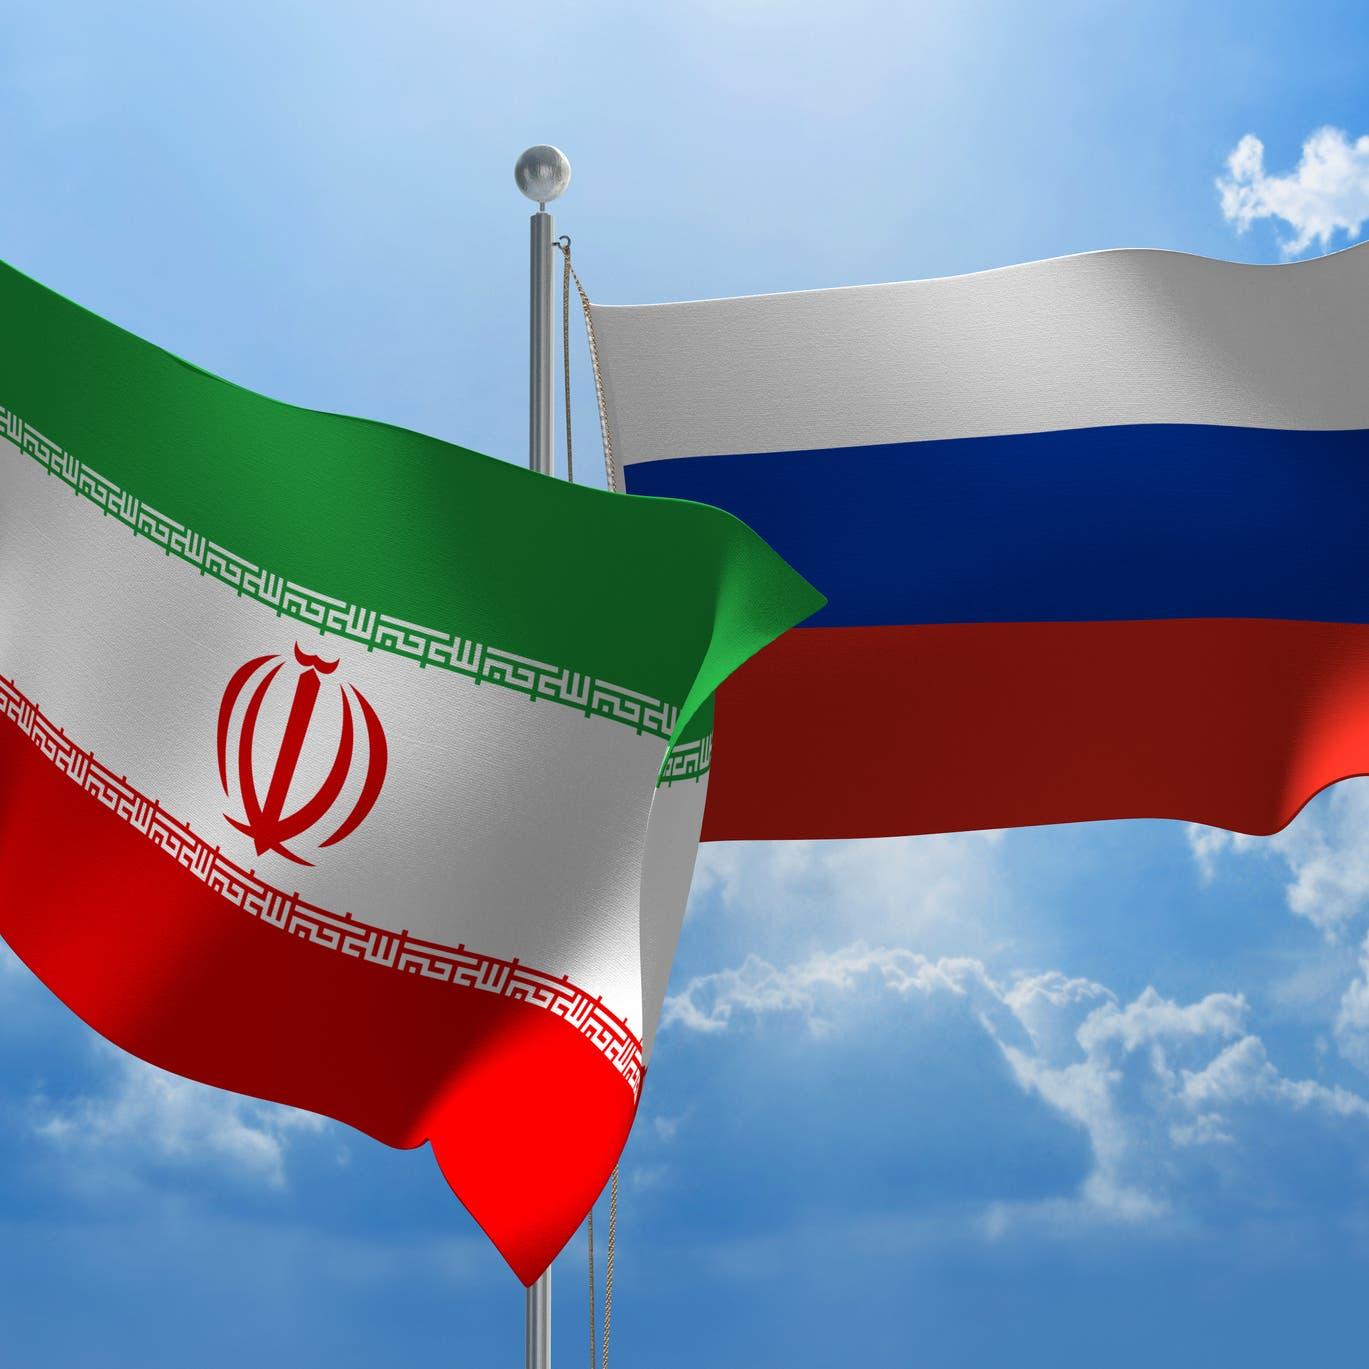 الكرملين قلق من النووي الإيراني ويدعو إلى مواصلة الحوار